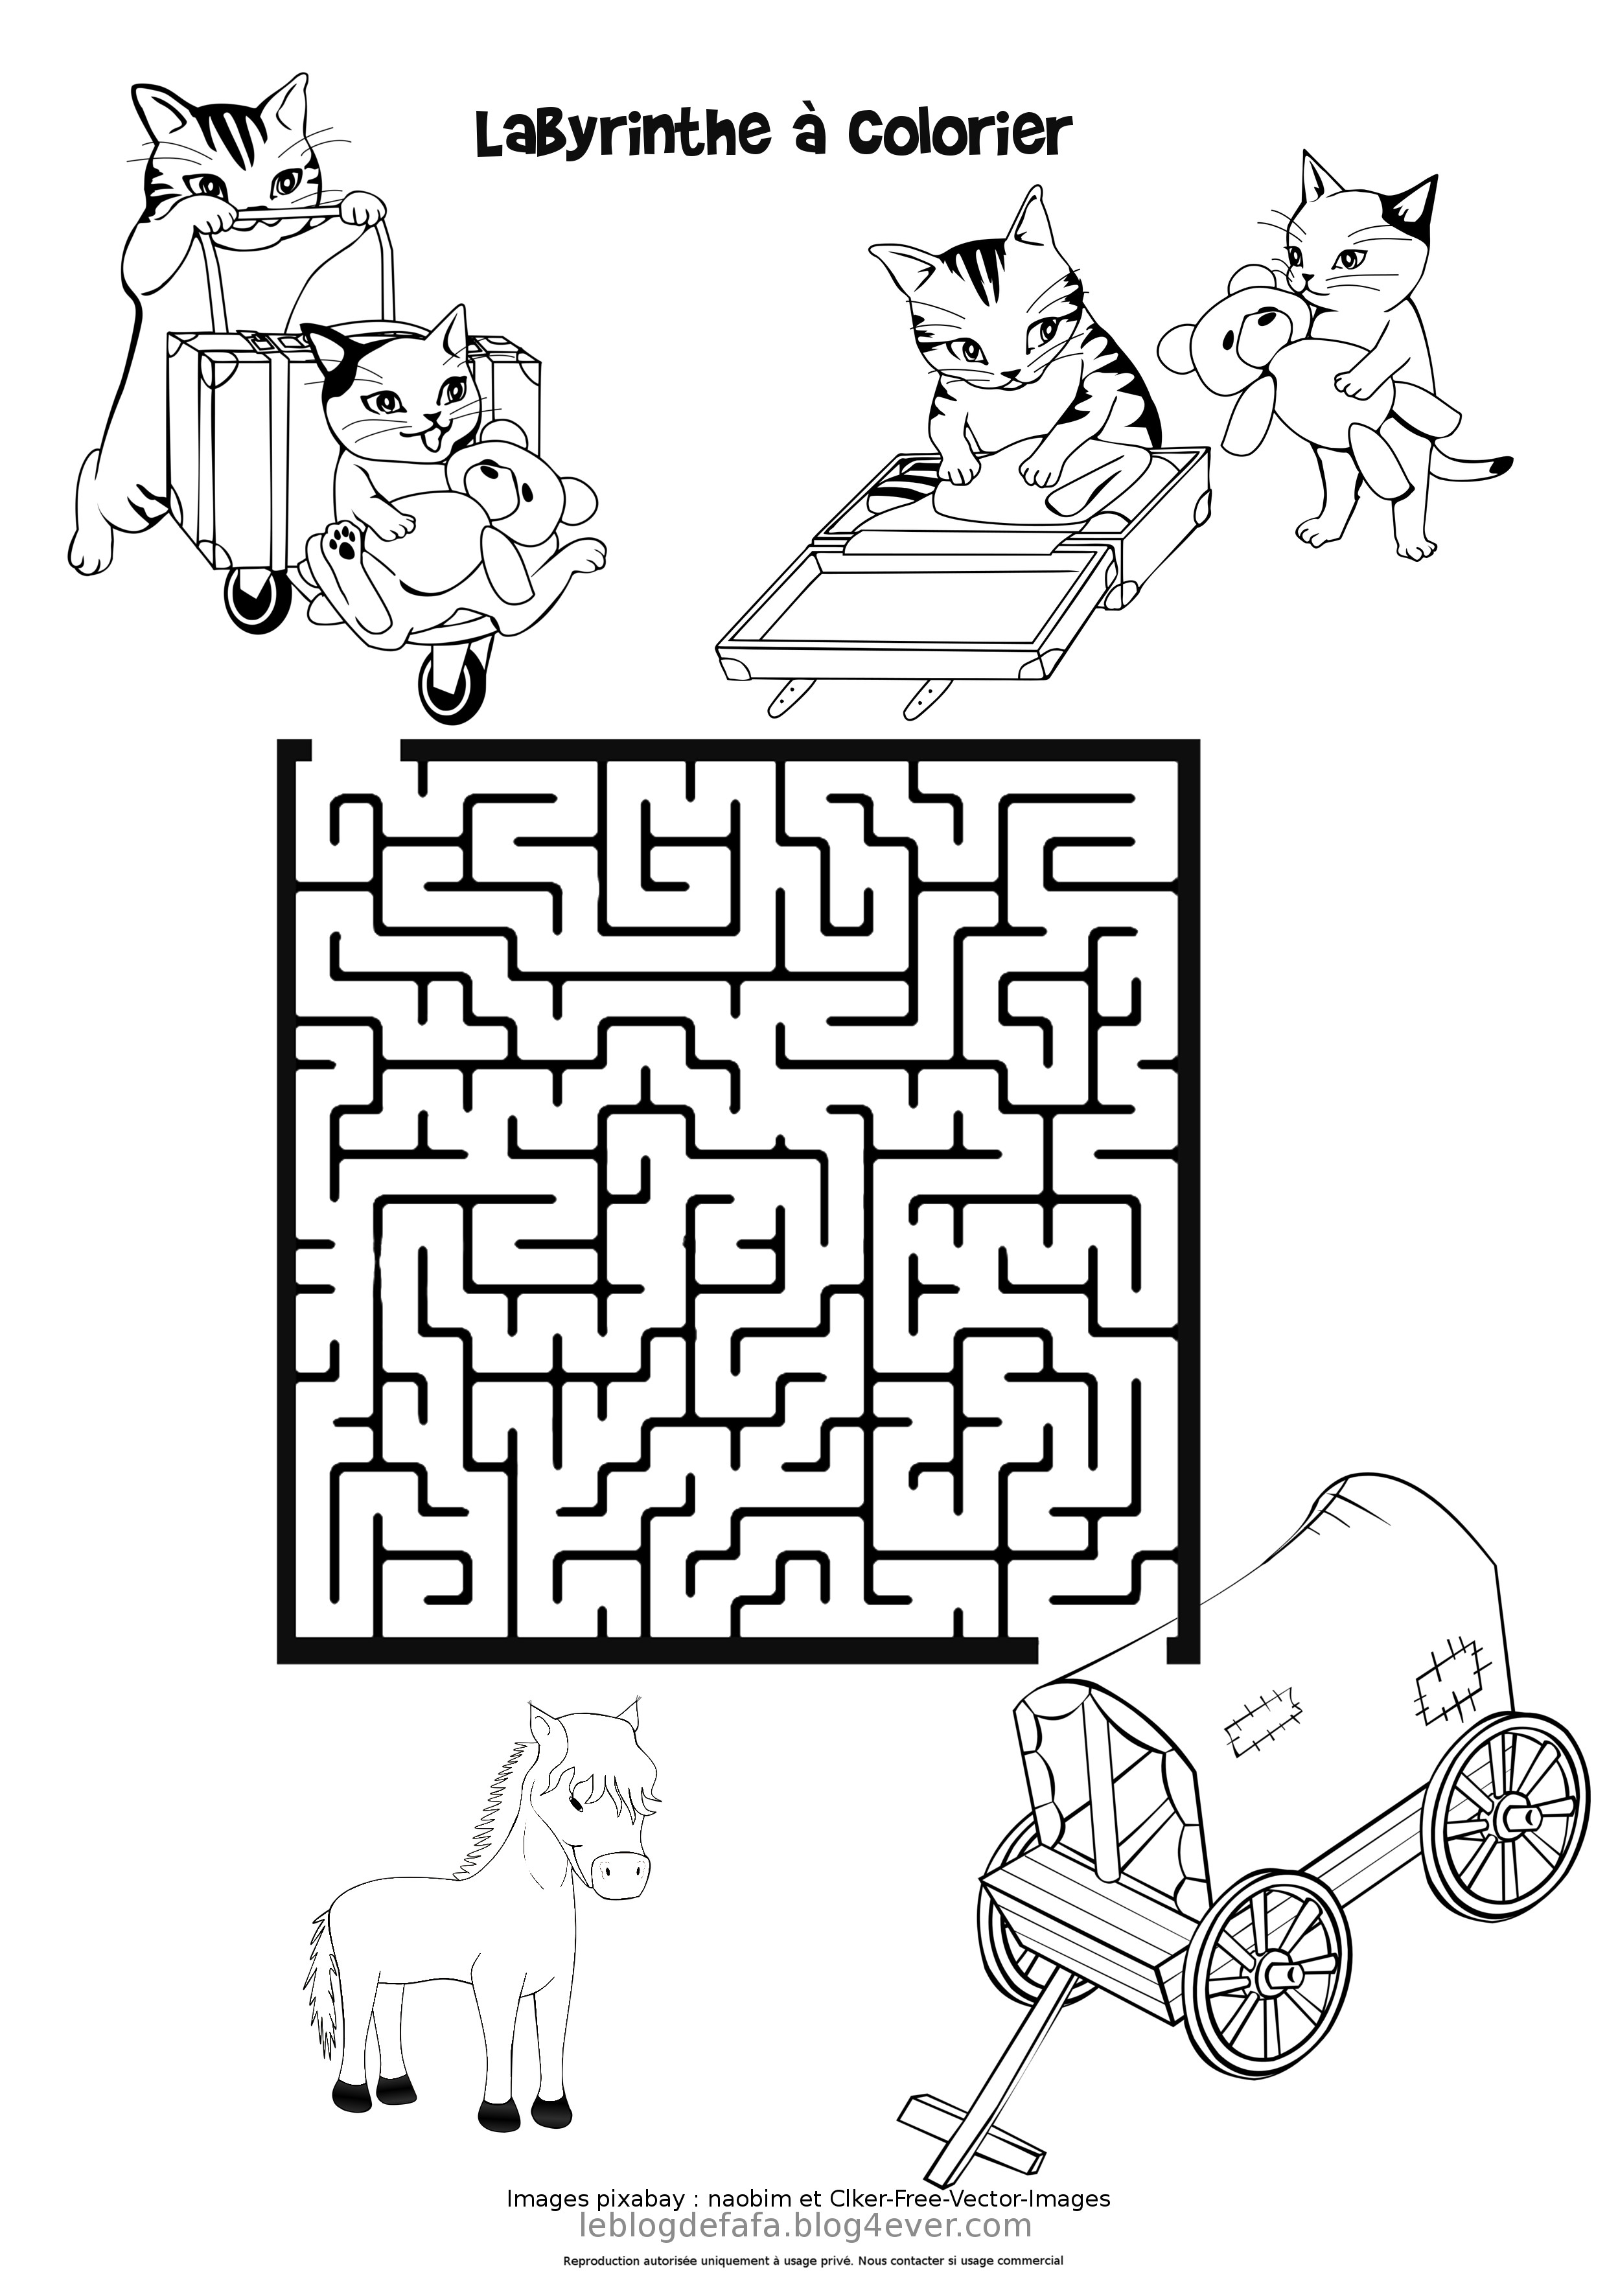 Jeux Chevaux Gratuits A Imprimer Labyrinthes Apprendre A Dessiner Points A Relier Maintenant 16 Jeux Gratuits Directement Imprimables Le Blog Des Fans De Poneys Et De Chevaux